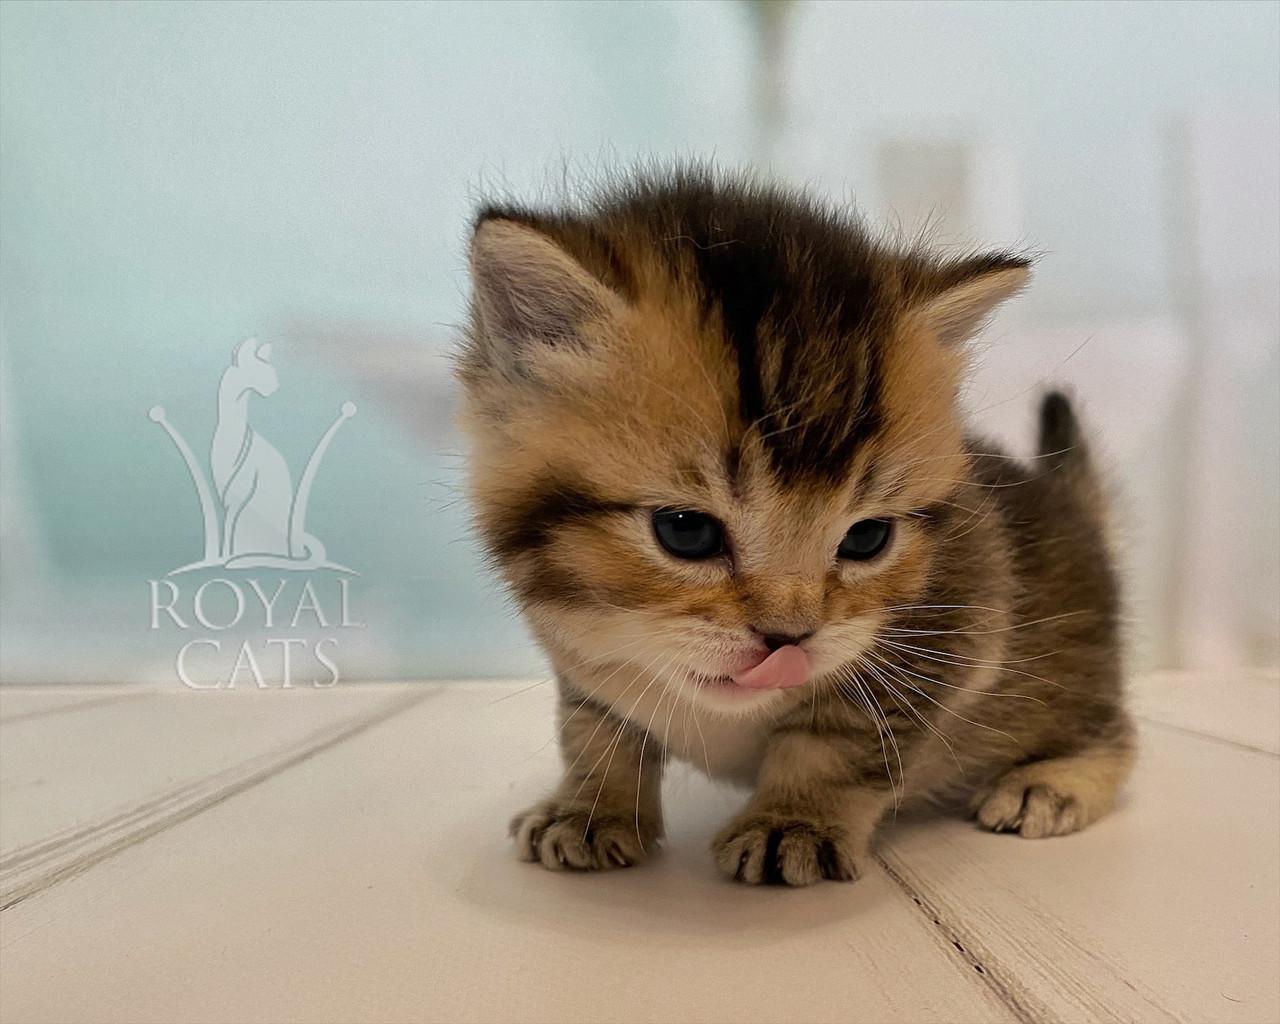 Шотландский прямоухий котёнок, рождён 07/03/2020. Питомник Royal Cats. Украина, г. Киев